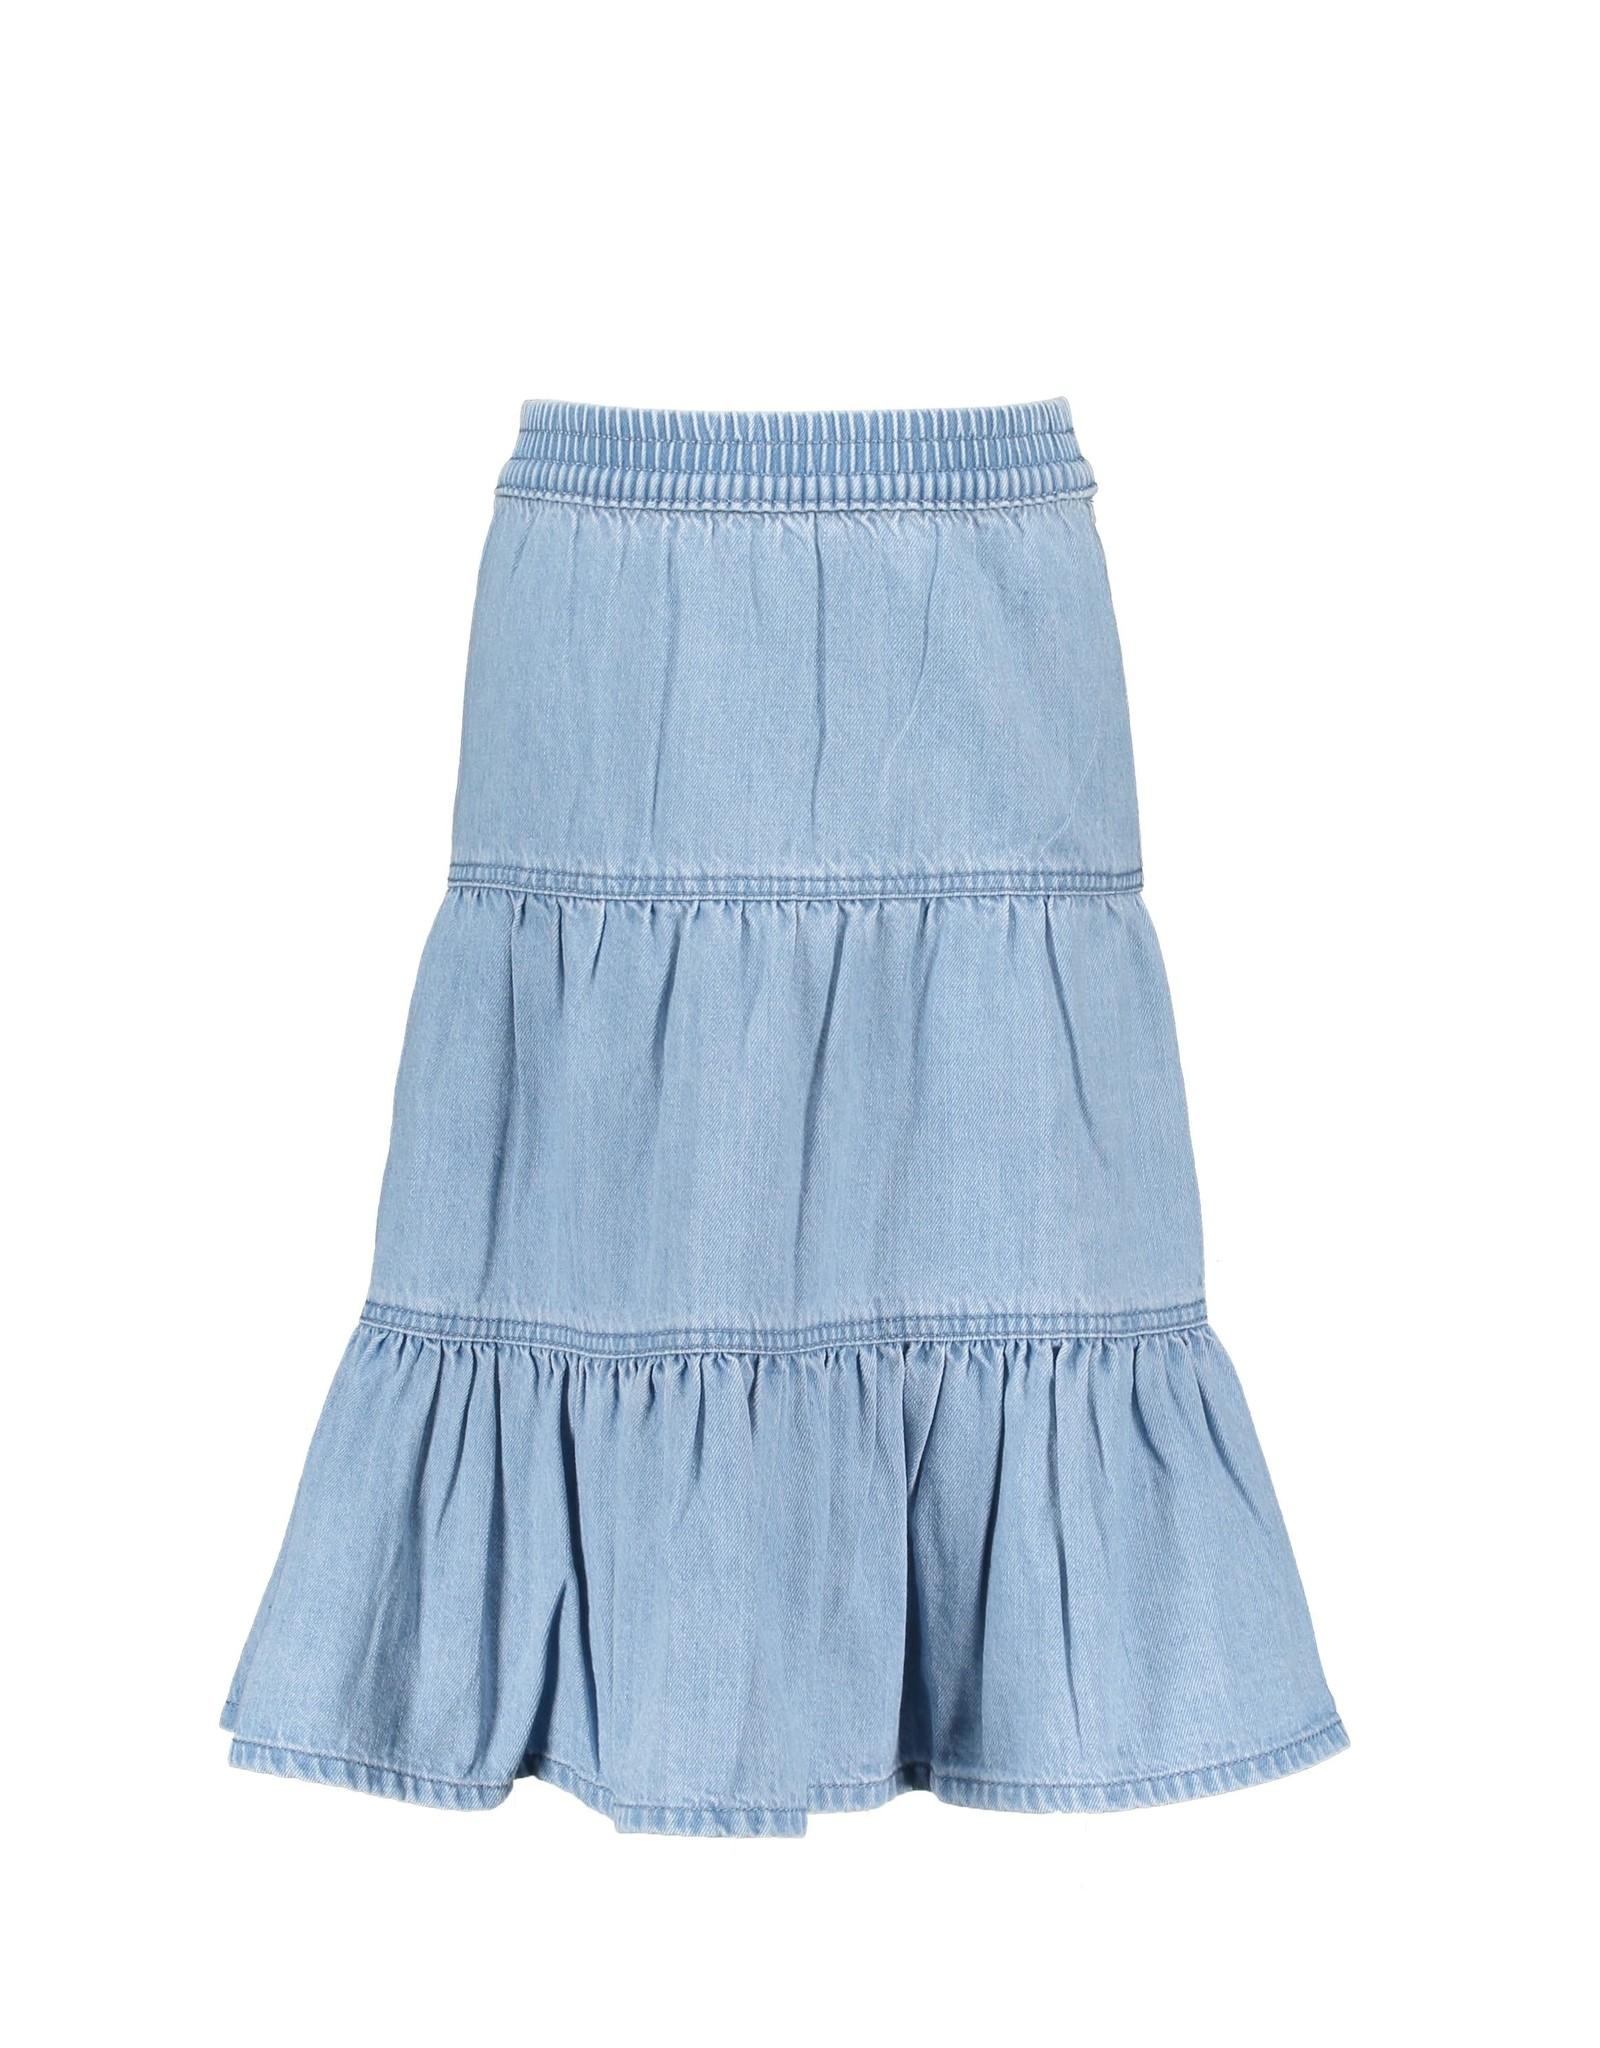 B.Nosy B. Nosy Girls Denim Skirt 3-parts